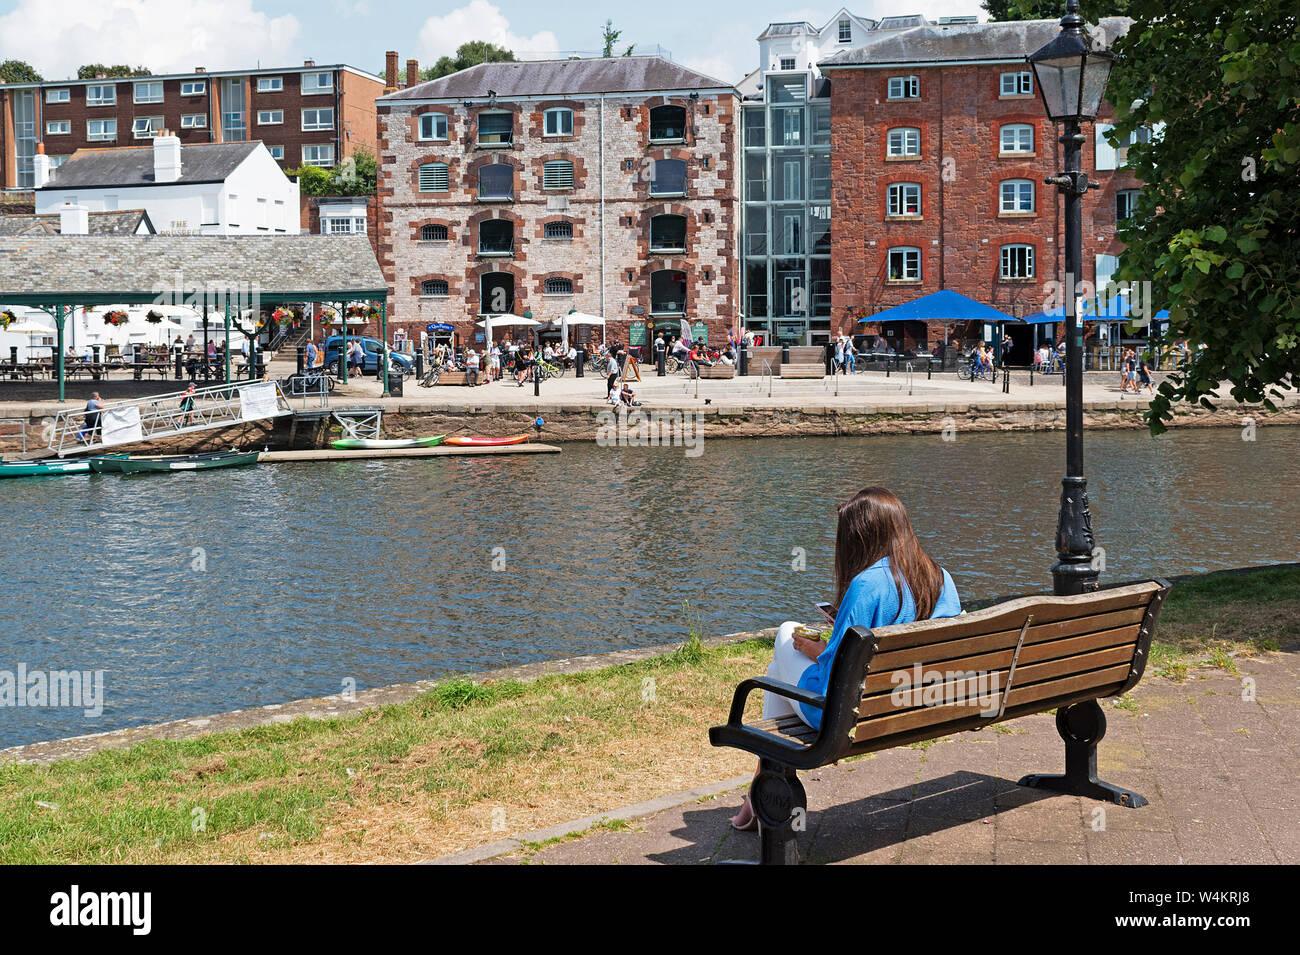 Jeune femme assise sur un banc près de la rivière exe à Exeter, Devon, Angleterre, Grande-Bretagne, Royaume-Uni. Banque D'Images